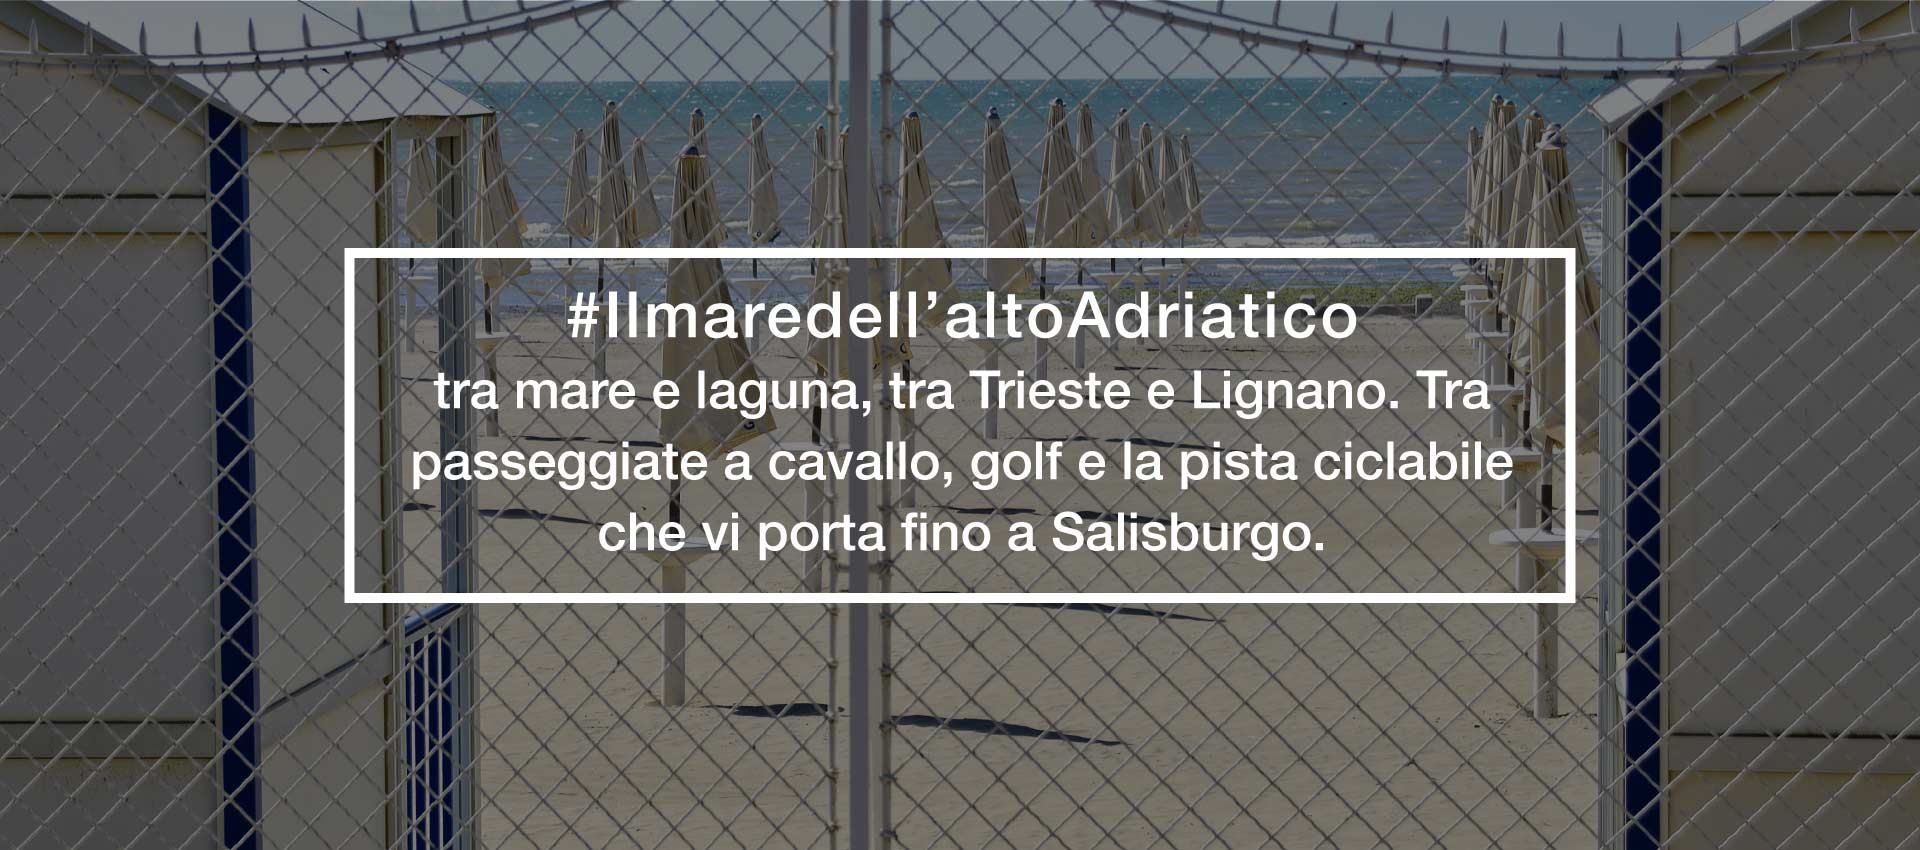 Trattoria-alla-buona-vite-Grado-Aquileia-Trieste-Mare-Laguna-Vacanze-Friuli-Venezia-Giulia